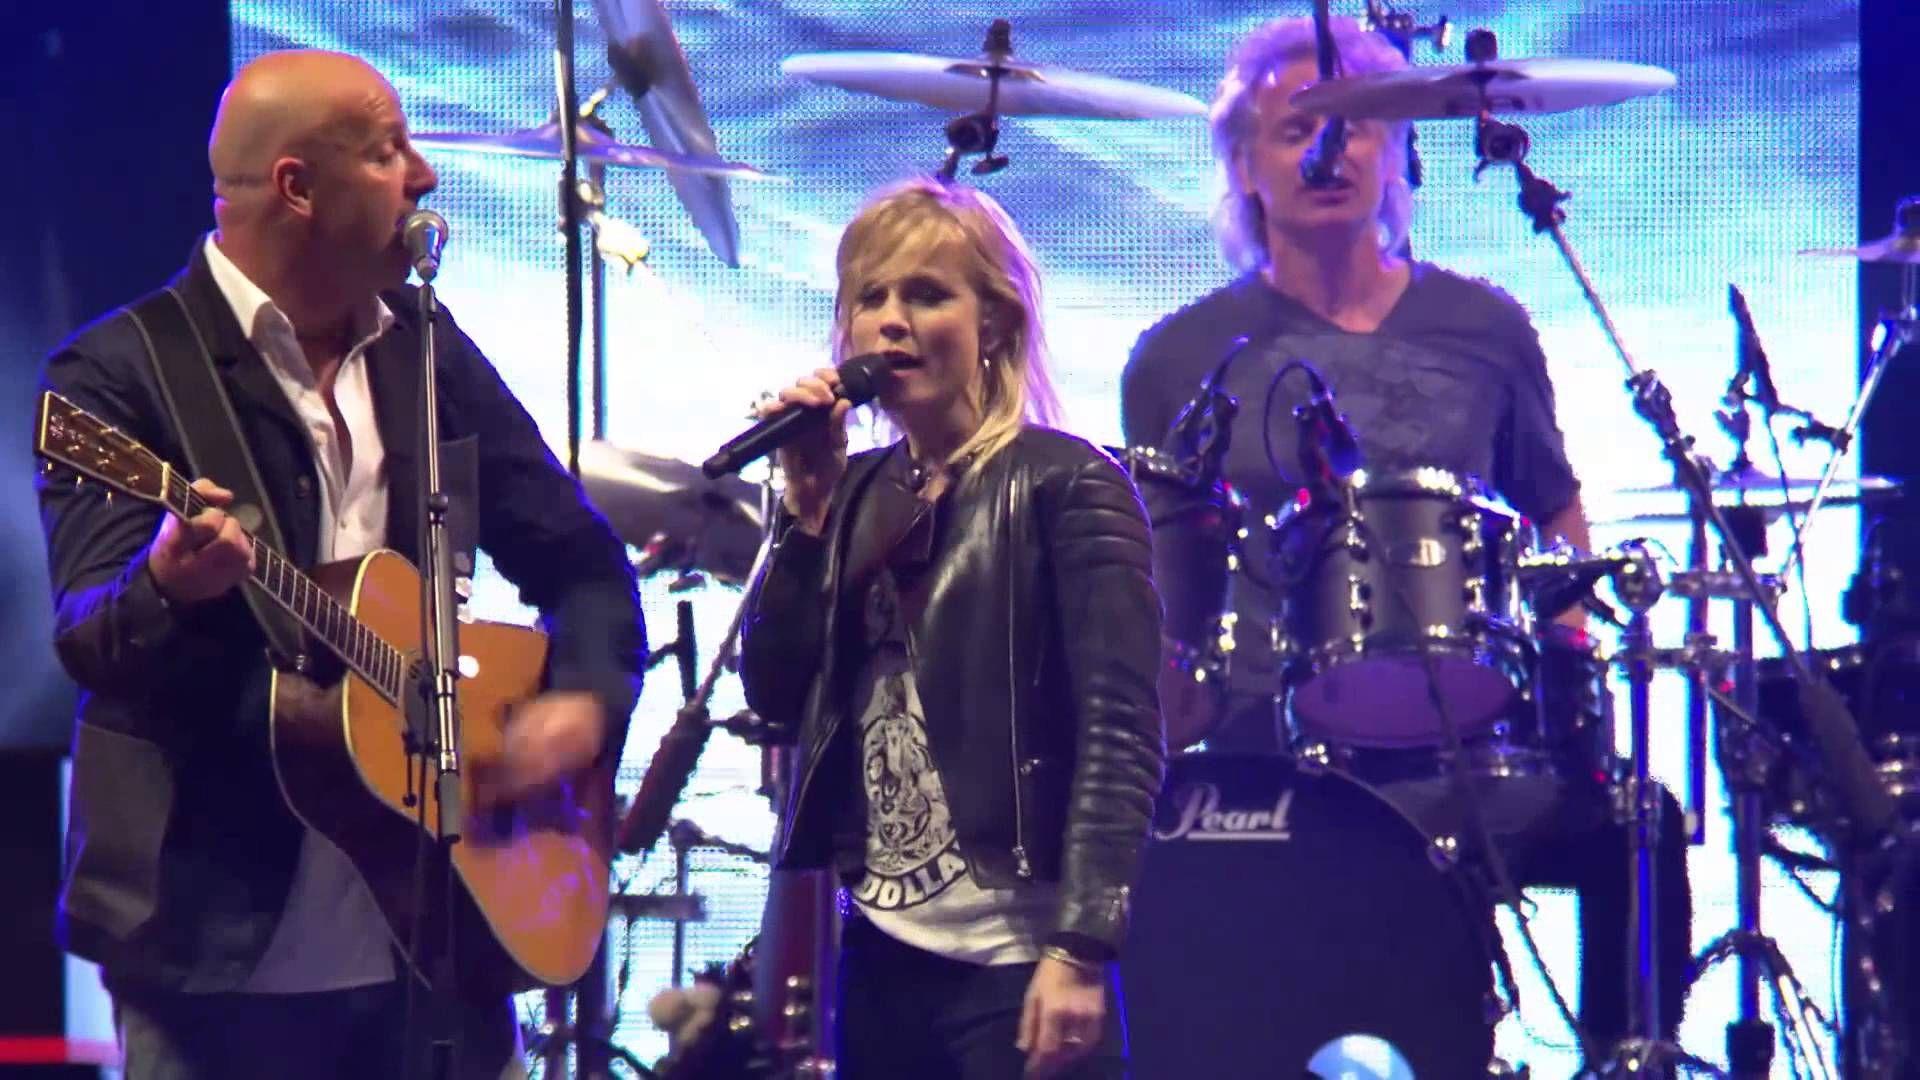 BLØF & Ilse DeLange - Open Je Ogen (Live @ Concert at SEA 2014)